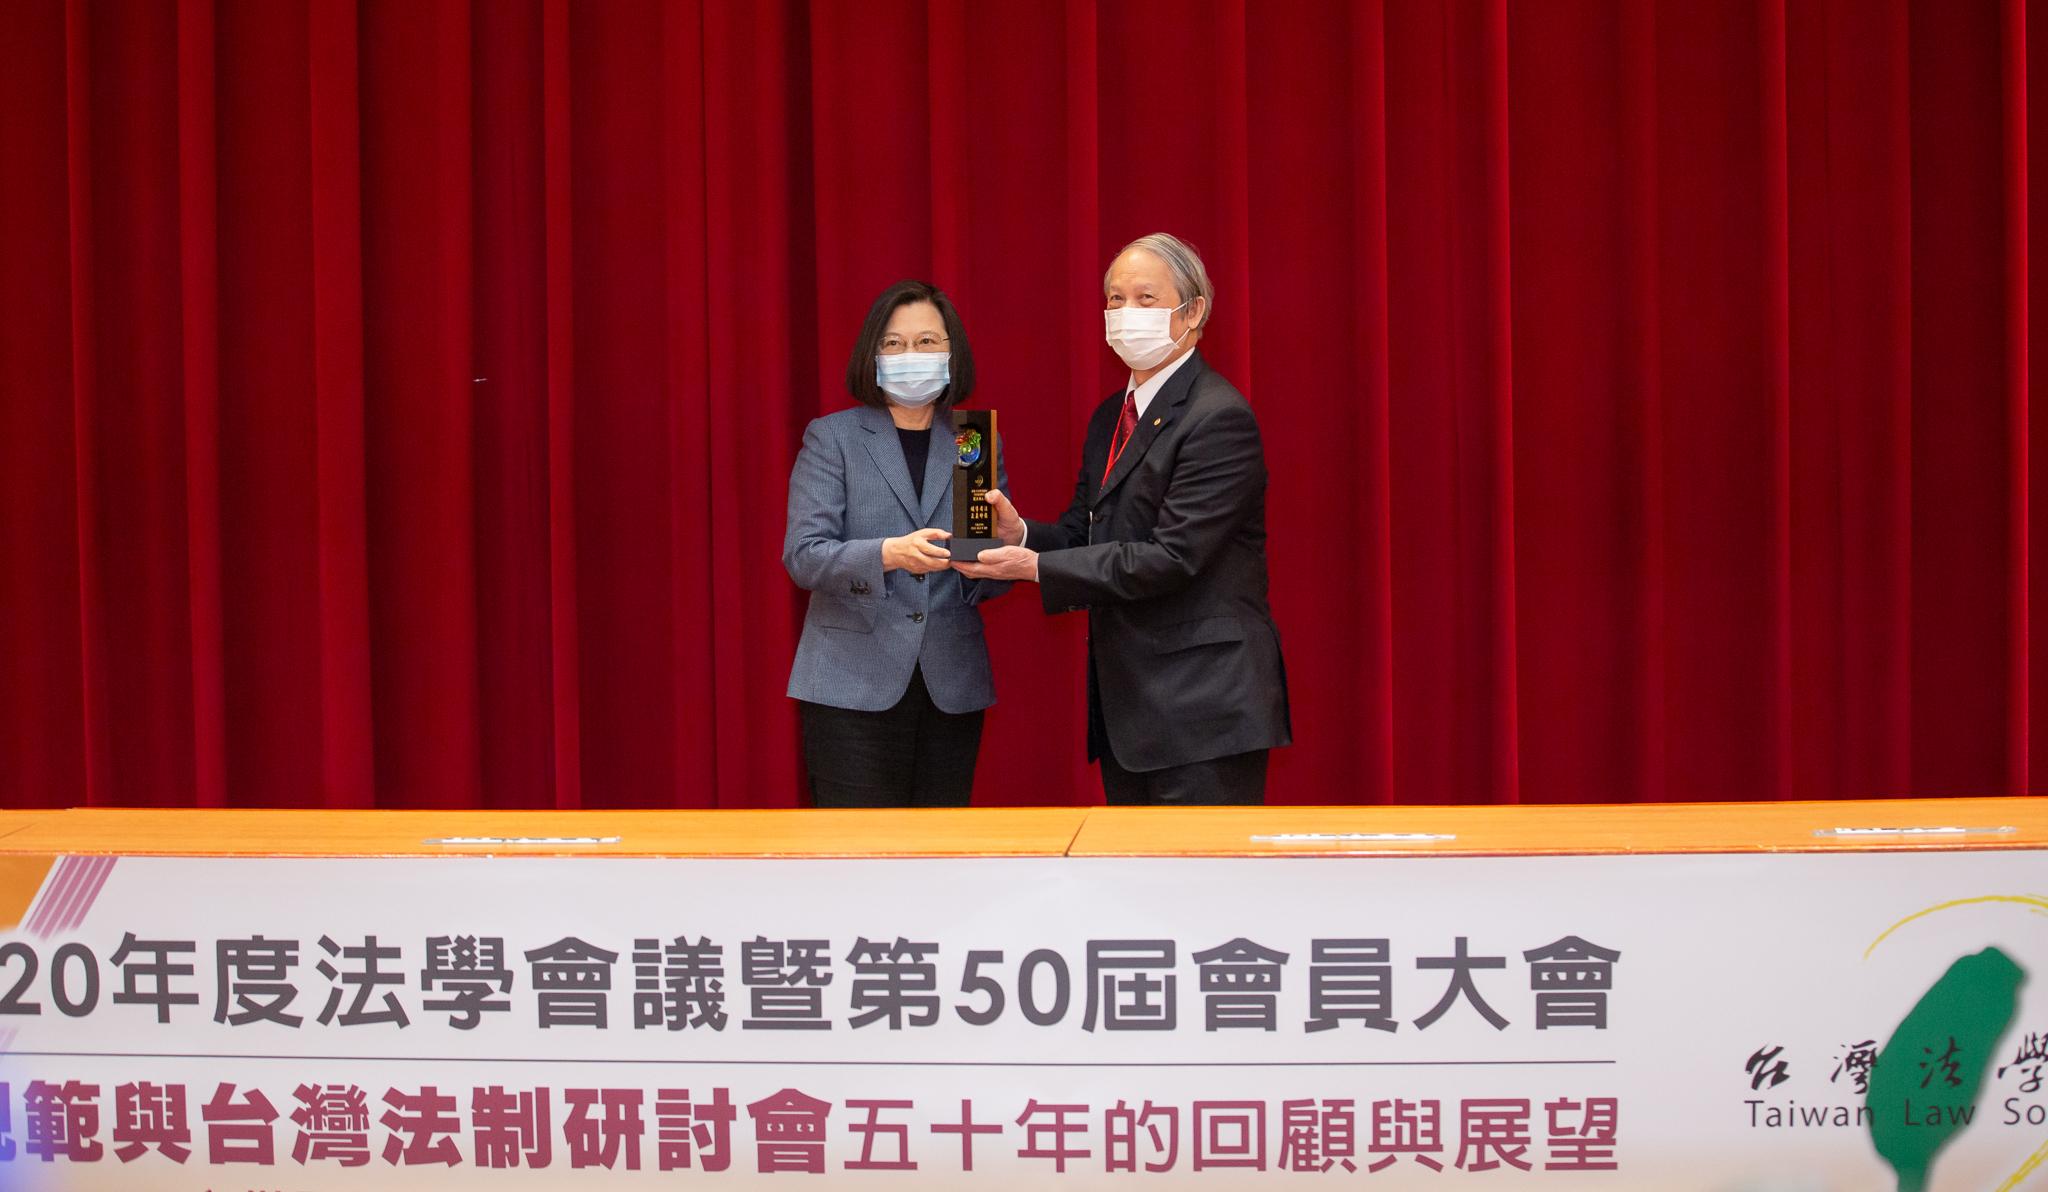 總統蔡英文出席台灣法學成立五十週年會員大會,對於台灣法學會推動人權保障與法制工作,表示感謝之意。 (Official Photo by Wang Yu Ching / Office of the President)